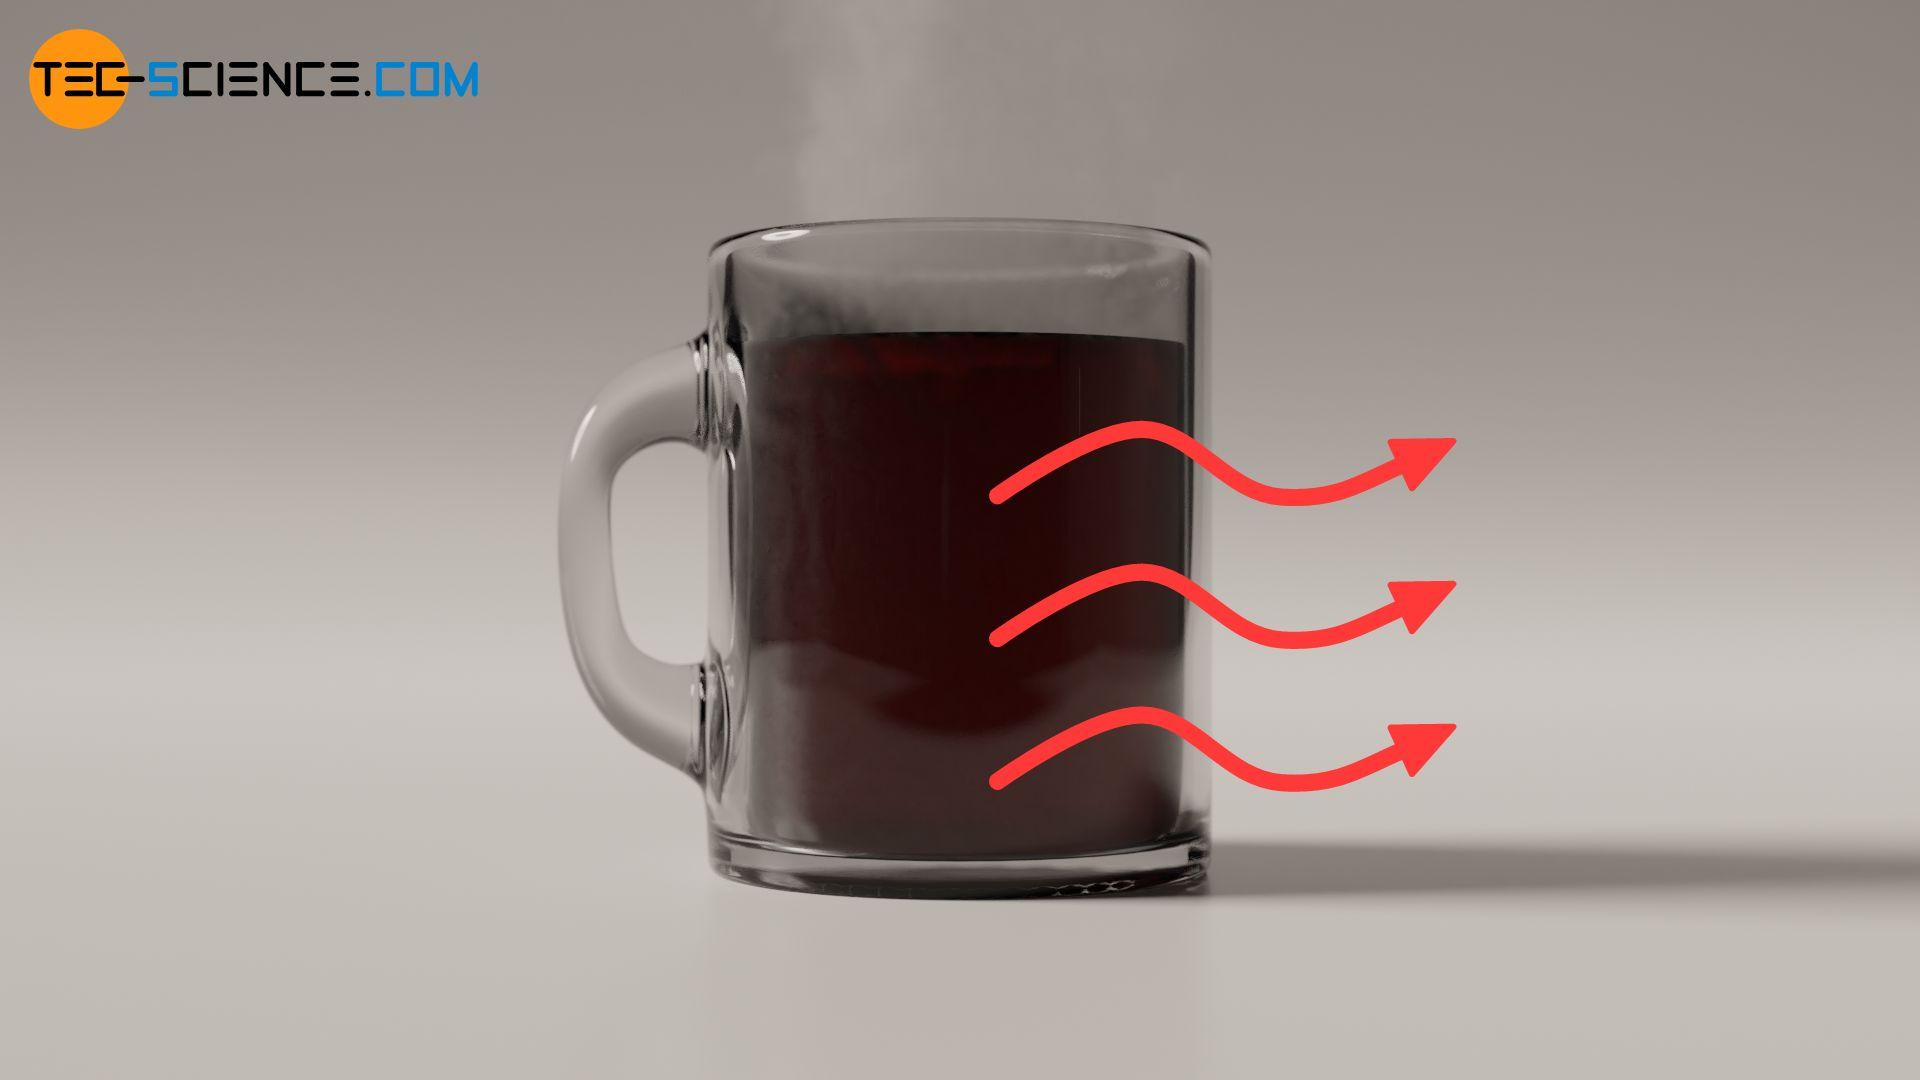 Richtung des Wärmestroms vom heißen Kaffee in Richtung Umgebung